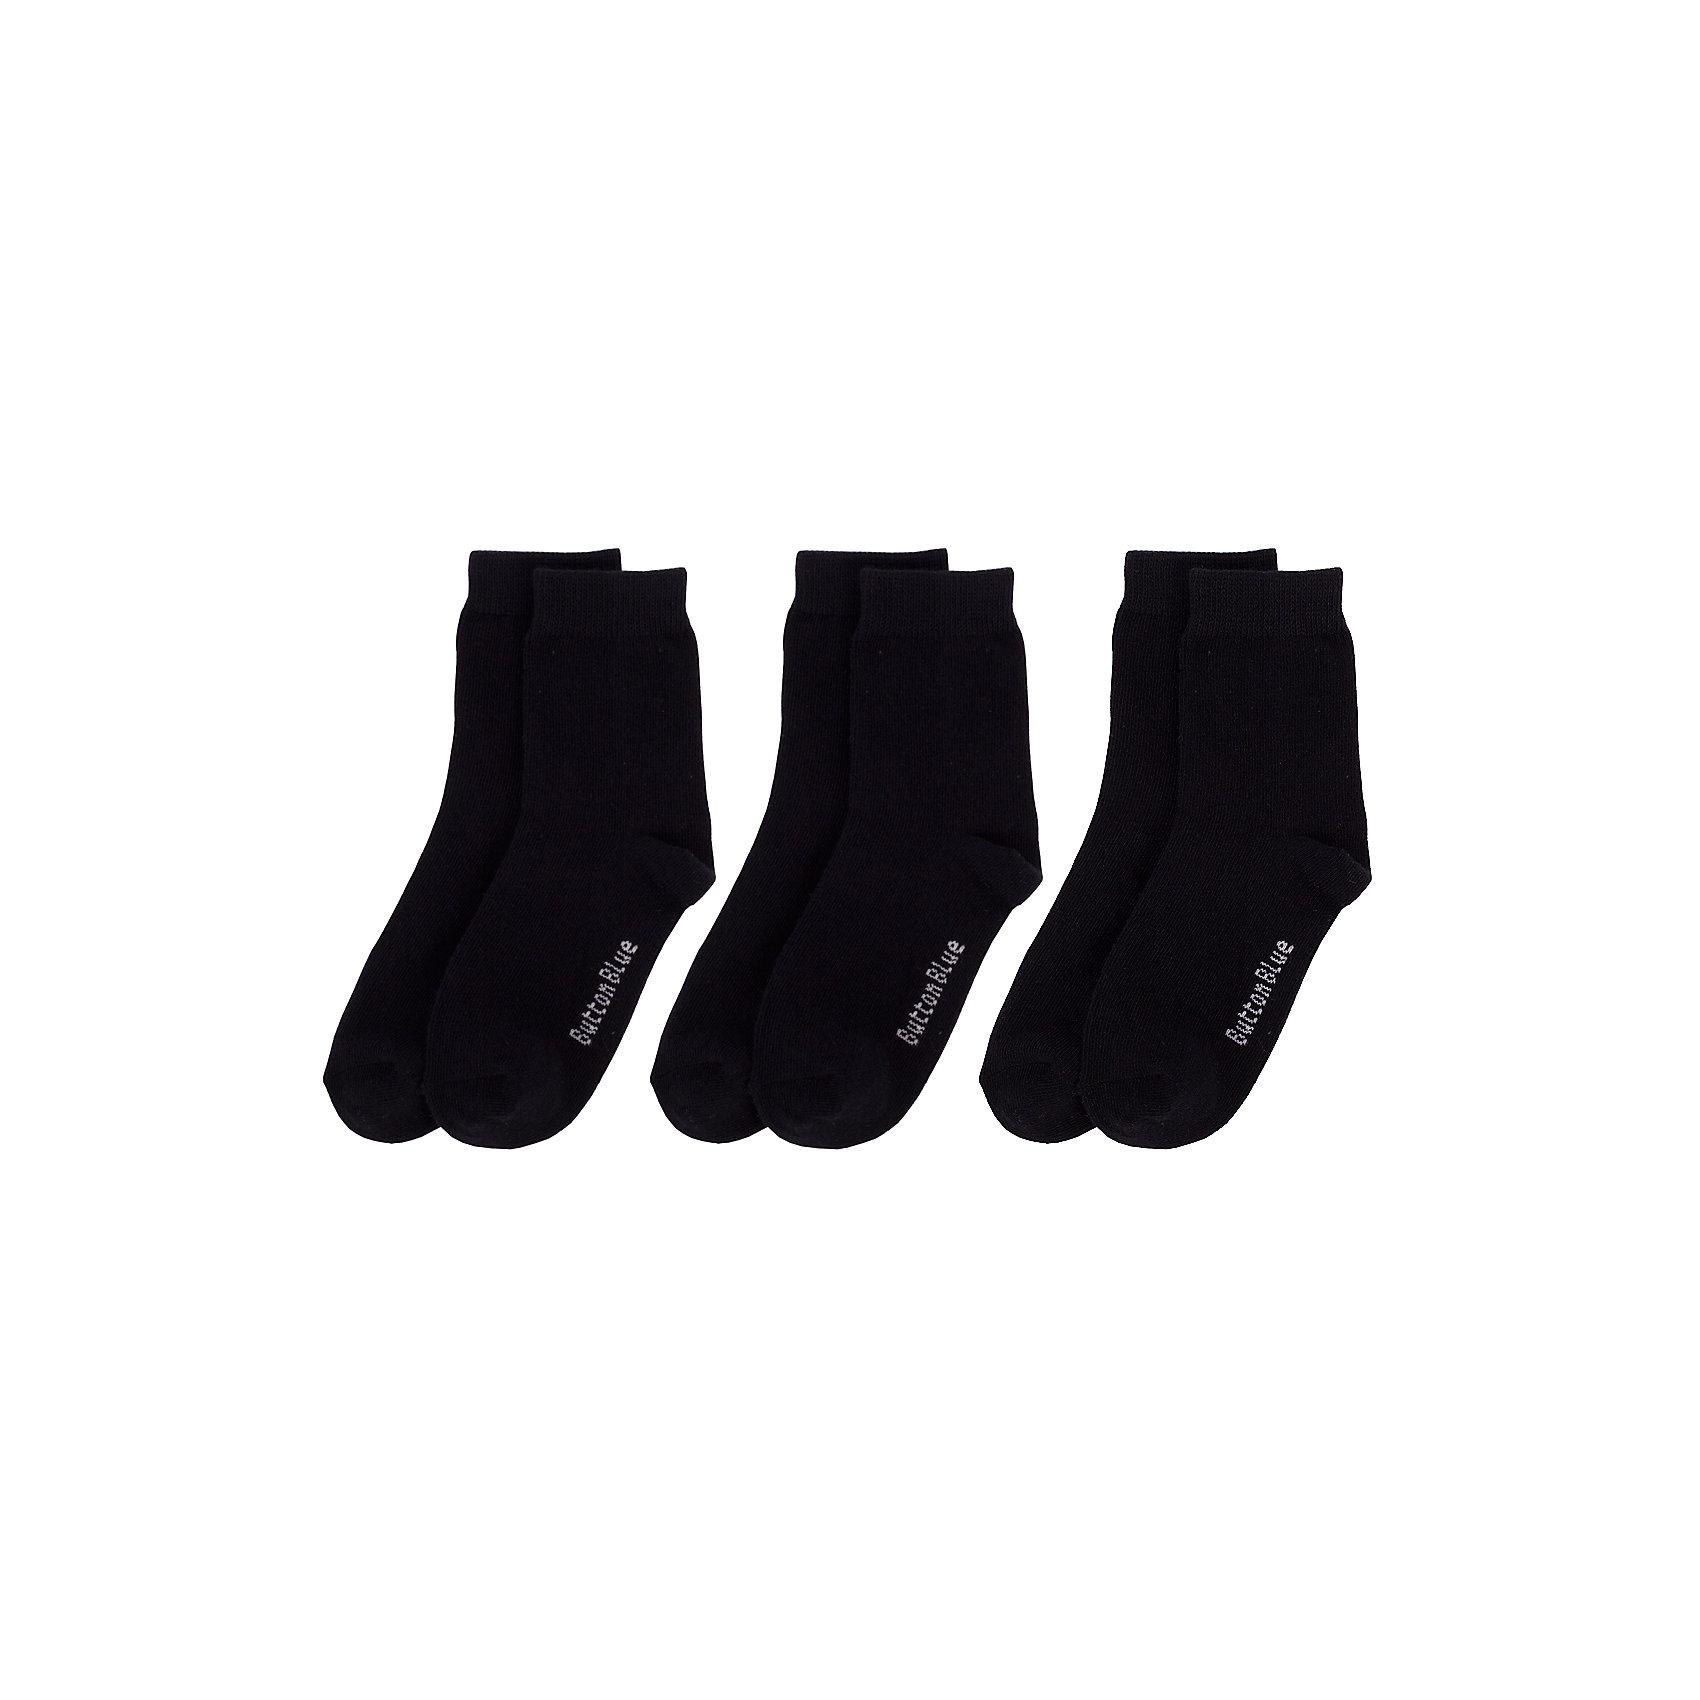 Носки BUTTON BLUE для мальчикаНоски<br>Носки BUTTON BLUE для мальчика<br>Детские носки - необходимая вещь на каждый день. И их в гардеробе ребенка должно быть немало. Если вы решили дополнить осенне-зимний гардероб ребенка хлопковыми носками, вам необходимо купить комплект из трех пар. Вы думаете, что хорошие и недорогие носки - это невозможно? Носки от Button Blue убедят вас в обратном!<br>Состав:<br>80%хлопок 18%полиамид 2% эластан<br><br>Ширина мм: 87<br>Глубина мм: 10<br>Высота мм: 105<br>Вес г: 115<br>Цвет: черный<br>Возраст от месяцев: 15<br>Возраст до месяцев: 18<br>Пол: Мужской<br>Возраст: Детский<br>Размер: 22,14,16,20<br>SKU: 7039422